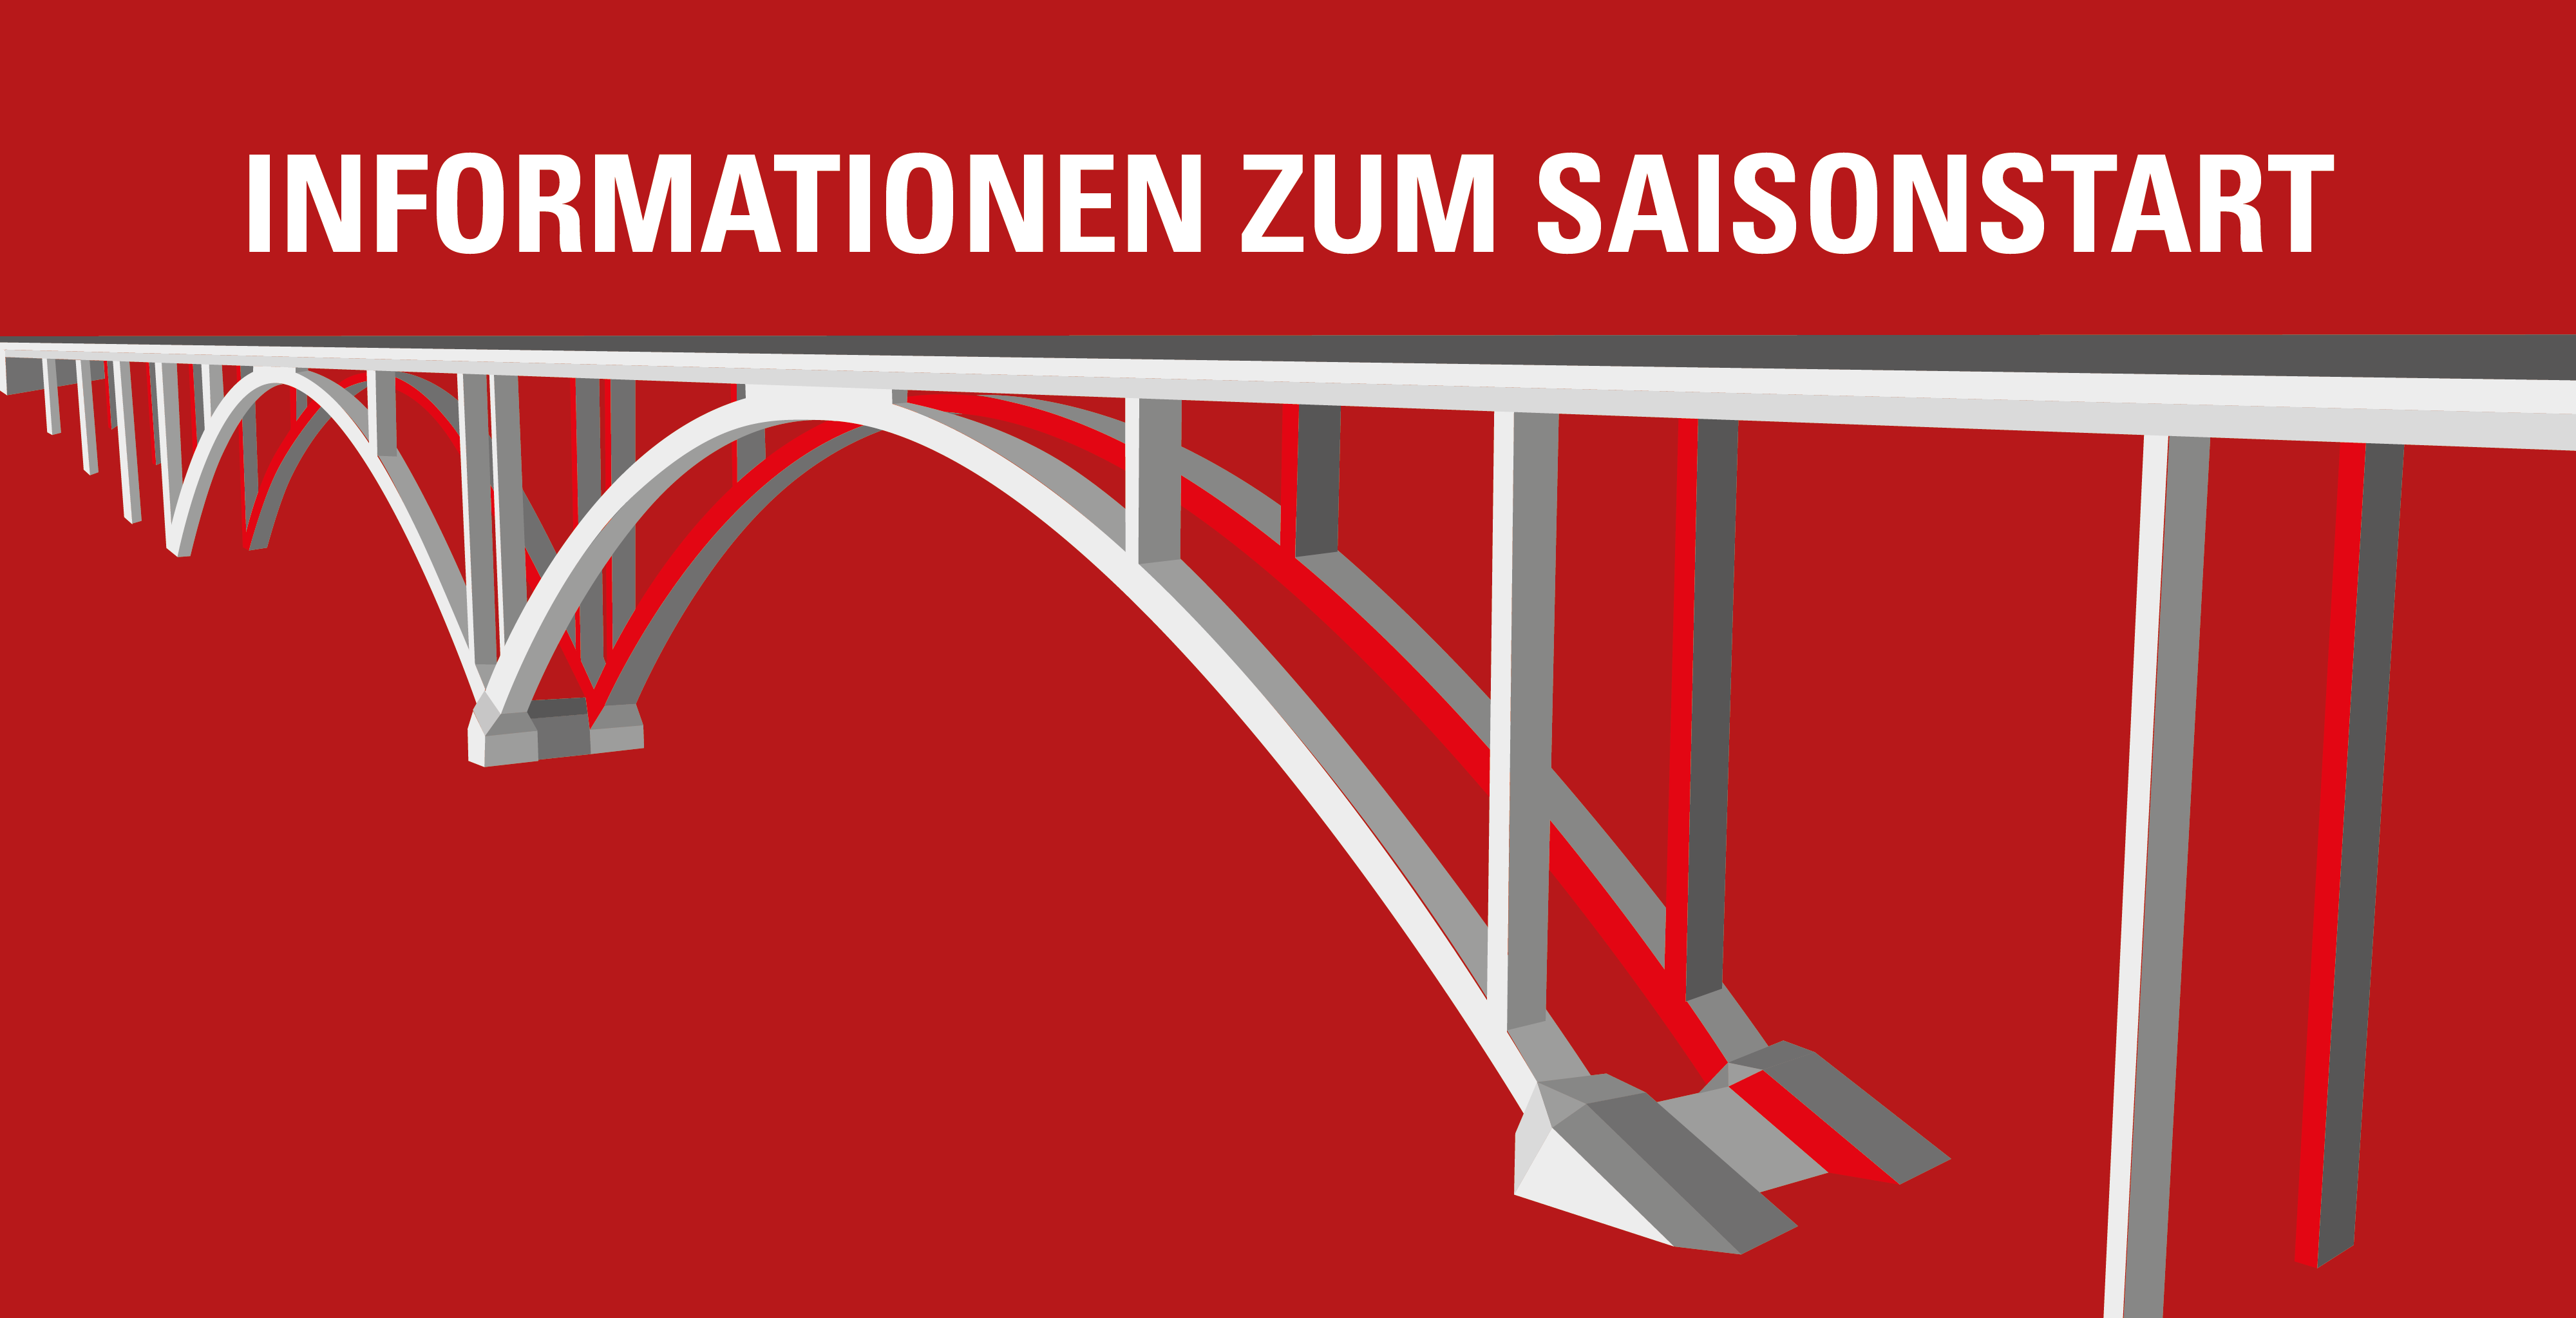 Wichtige Sicherheits- und Hygienehinweise zum Start der Oberliga Saison